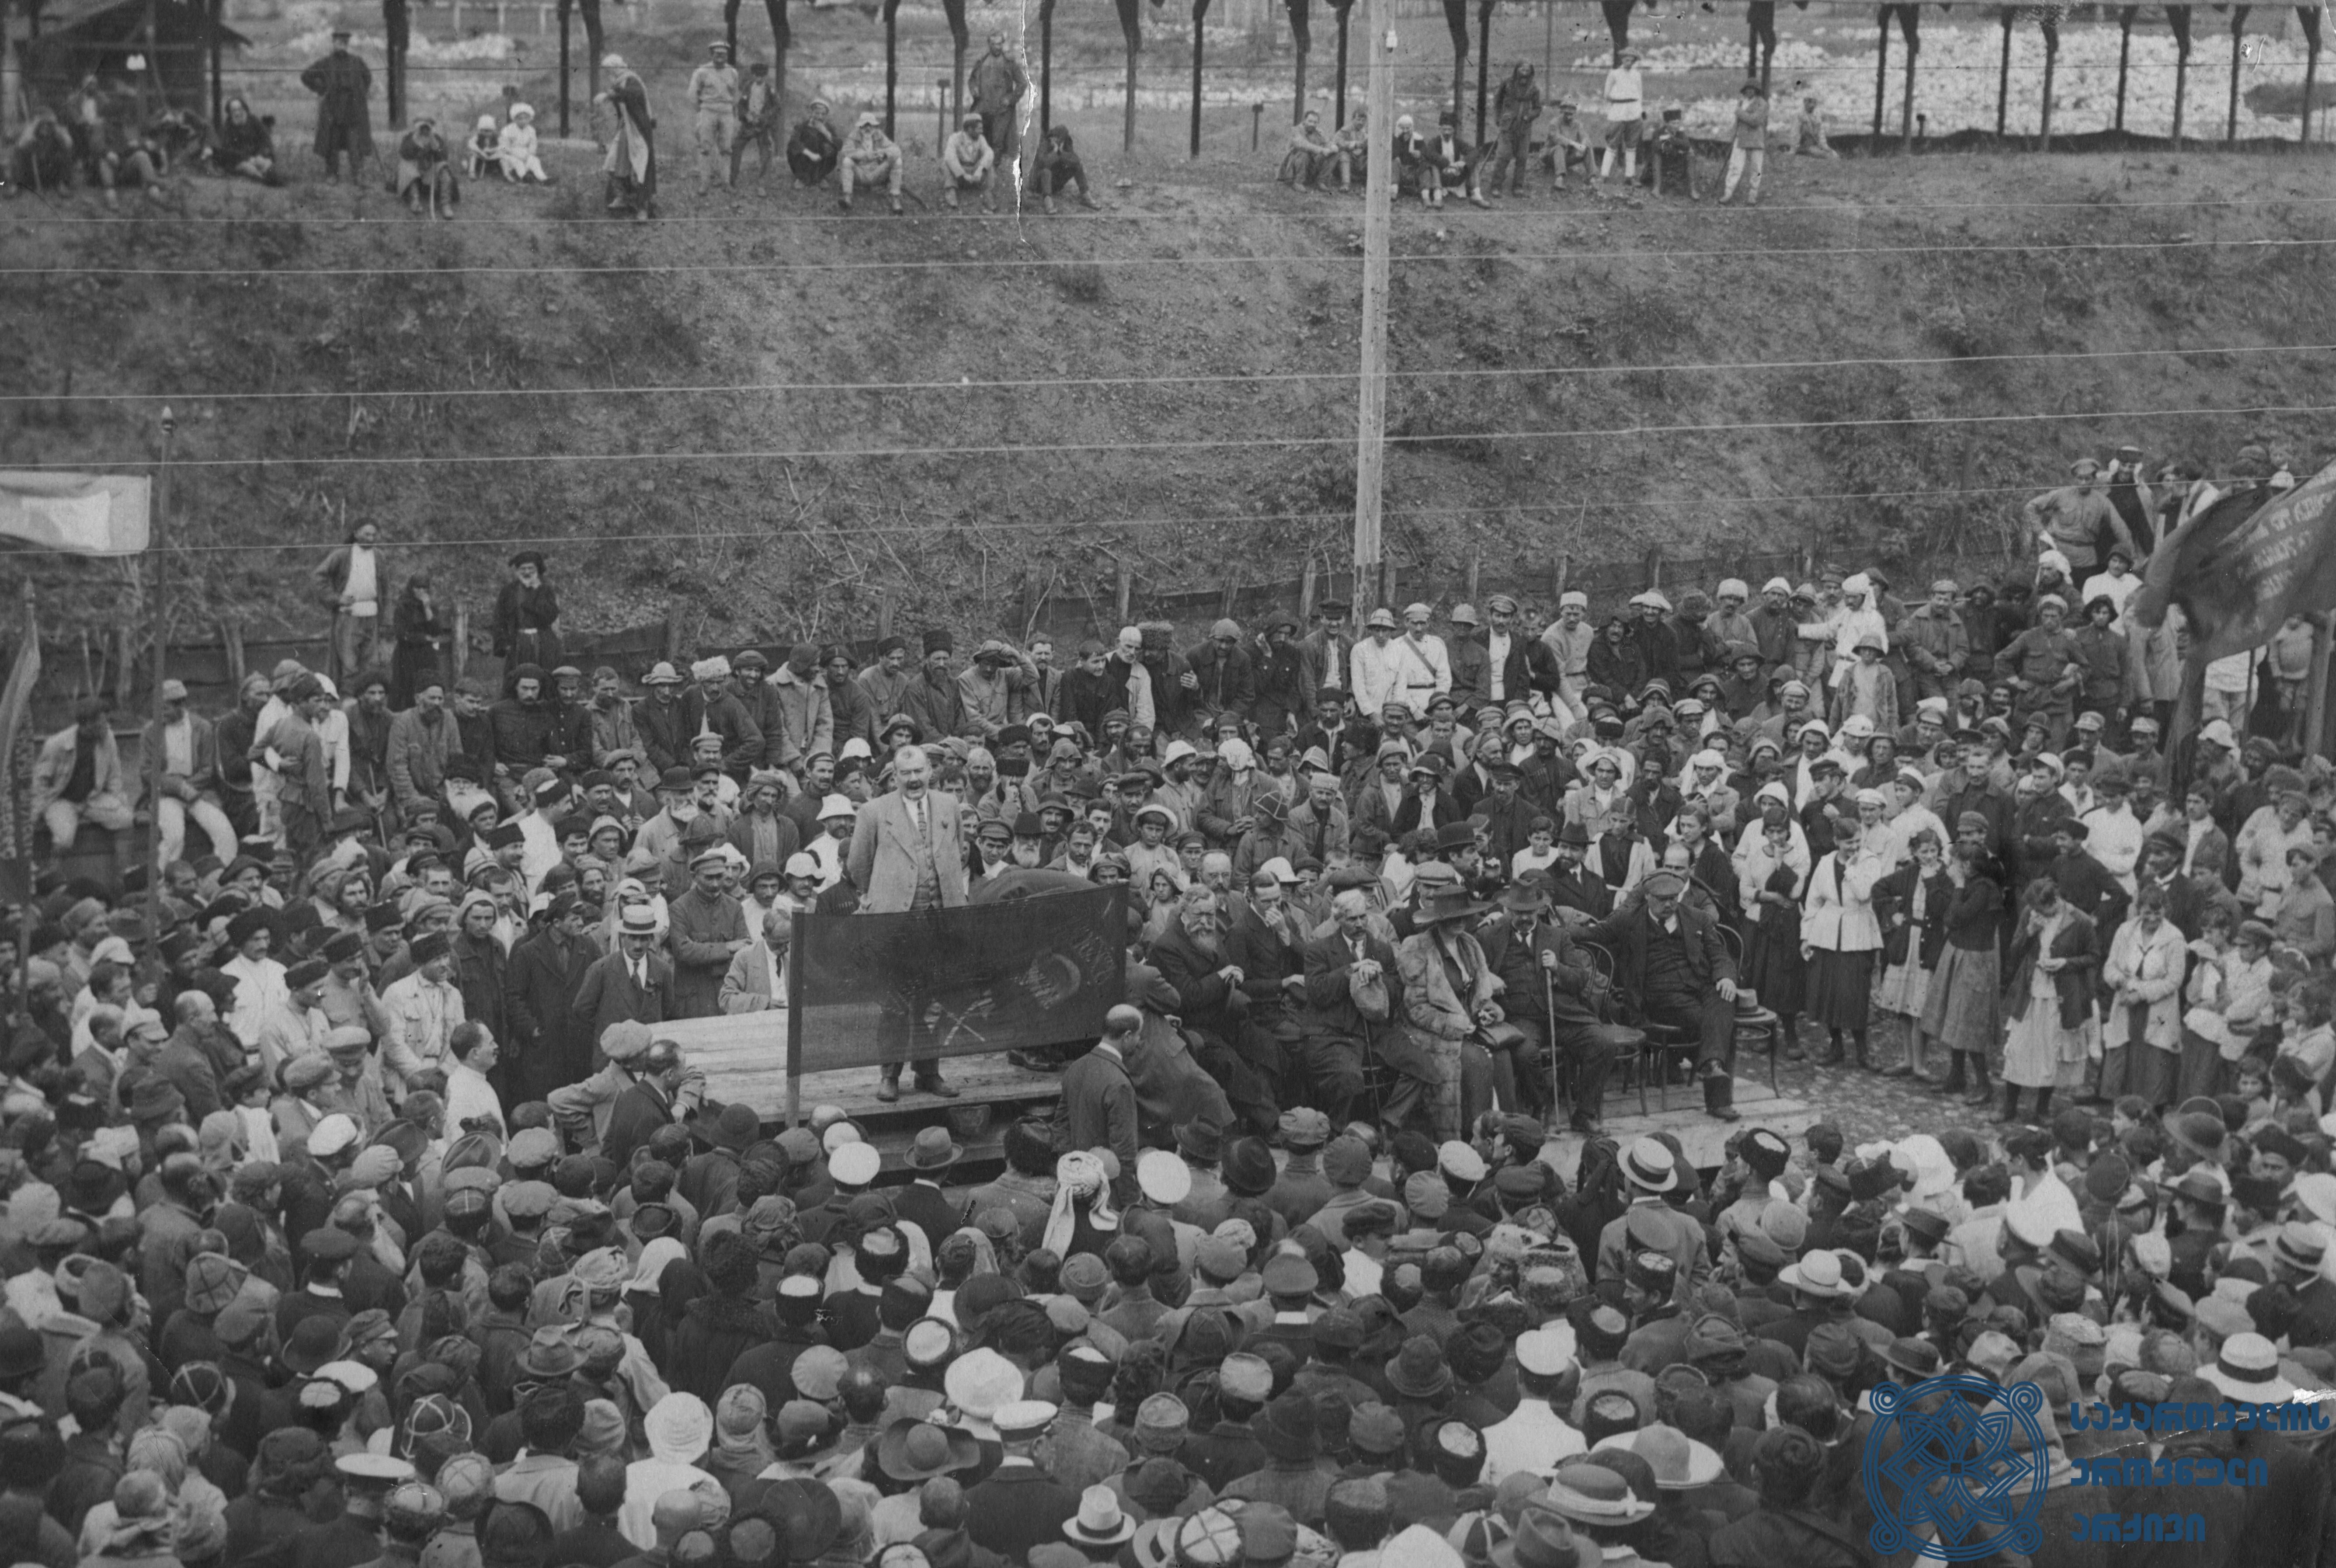 ფრანგი სოციალისტის – პიერ რენოდელის – სიტყვით გამოსვლა ჭიათურაში გამართულ  ერთ-ერთ მიტინგზე. 1920 წლის სექტემბერი. <br> French Socialist – Pierre Renaudel – is giving a speech at one of the rallies in Chiatura. September 1920.